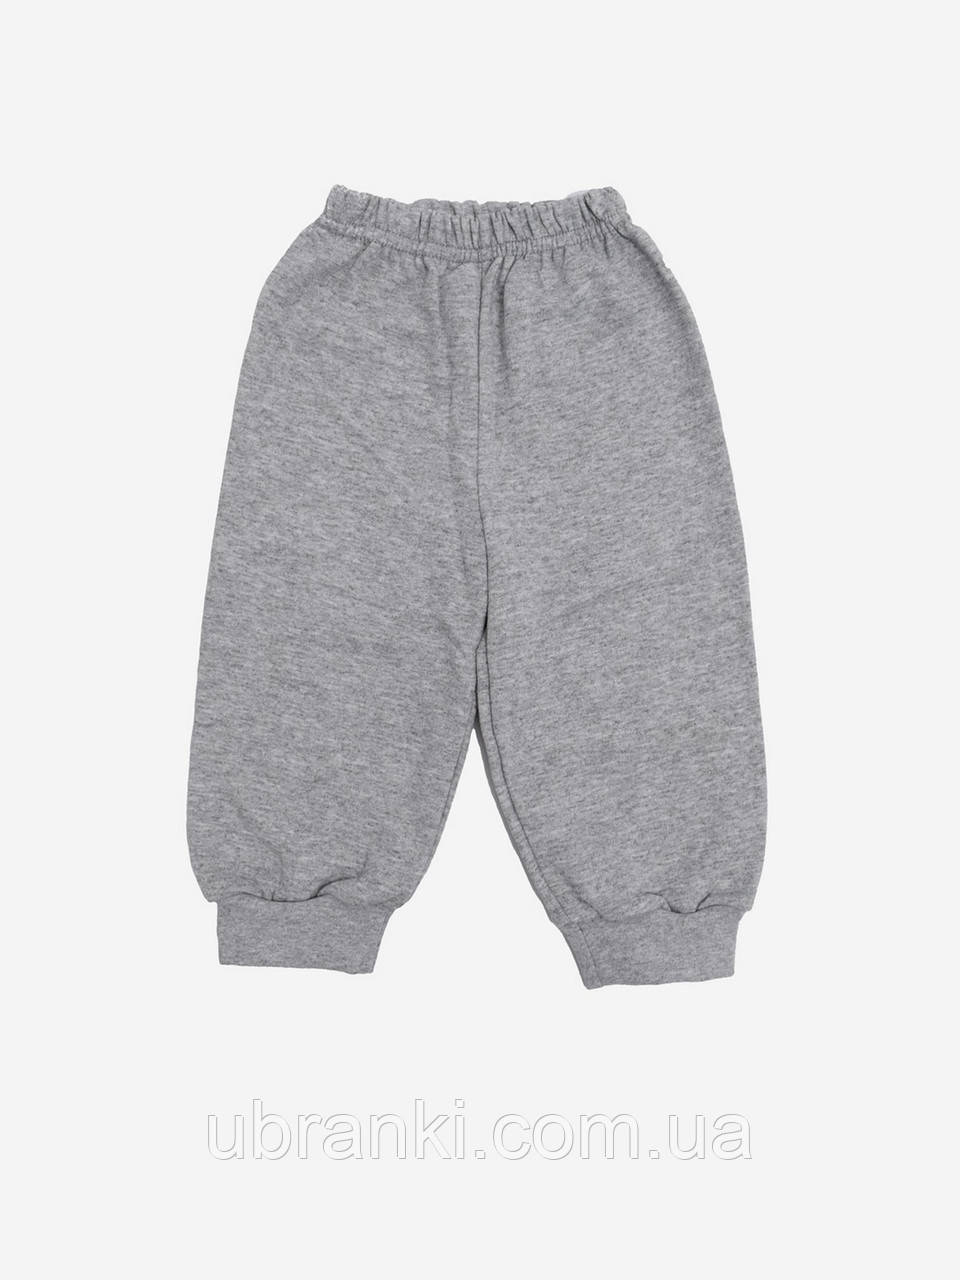 Спортивные штаны для маленького мальчика